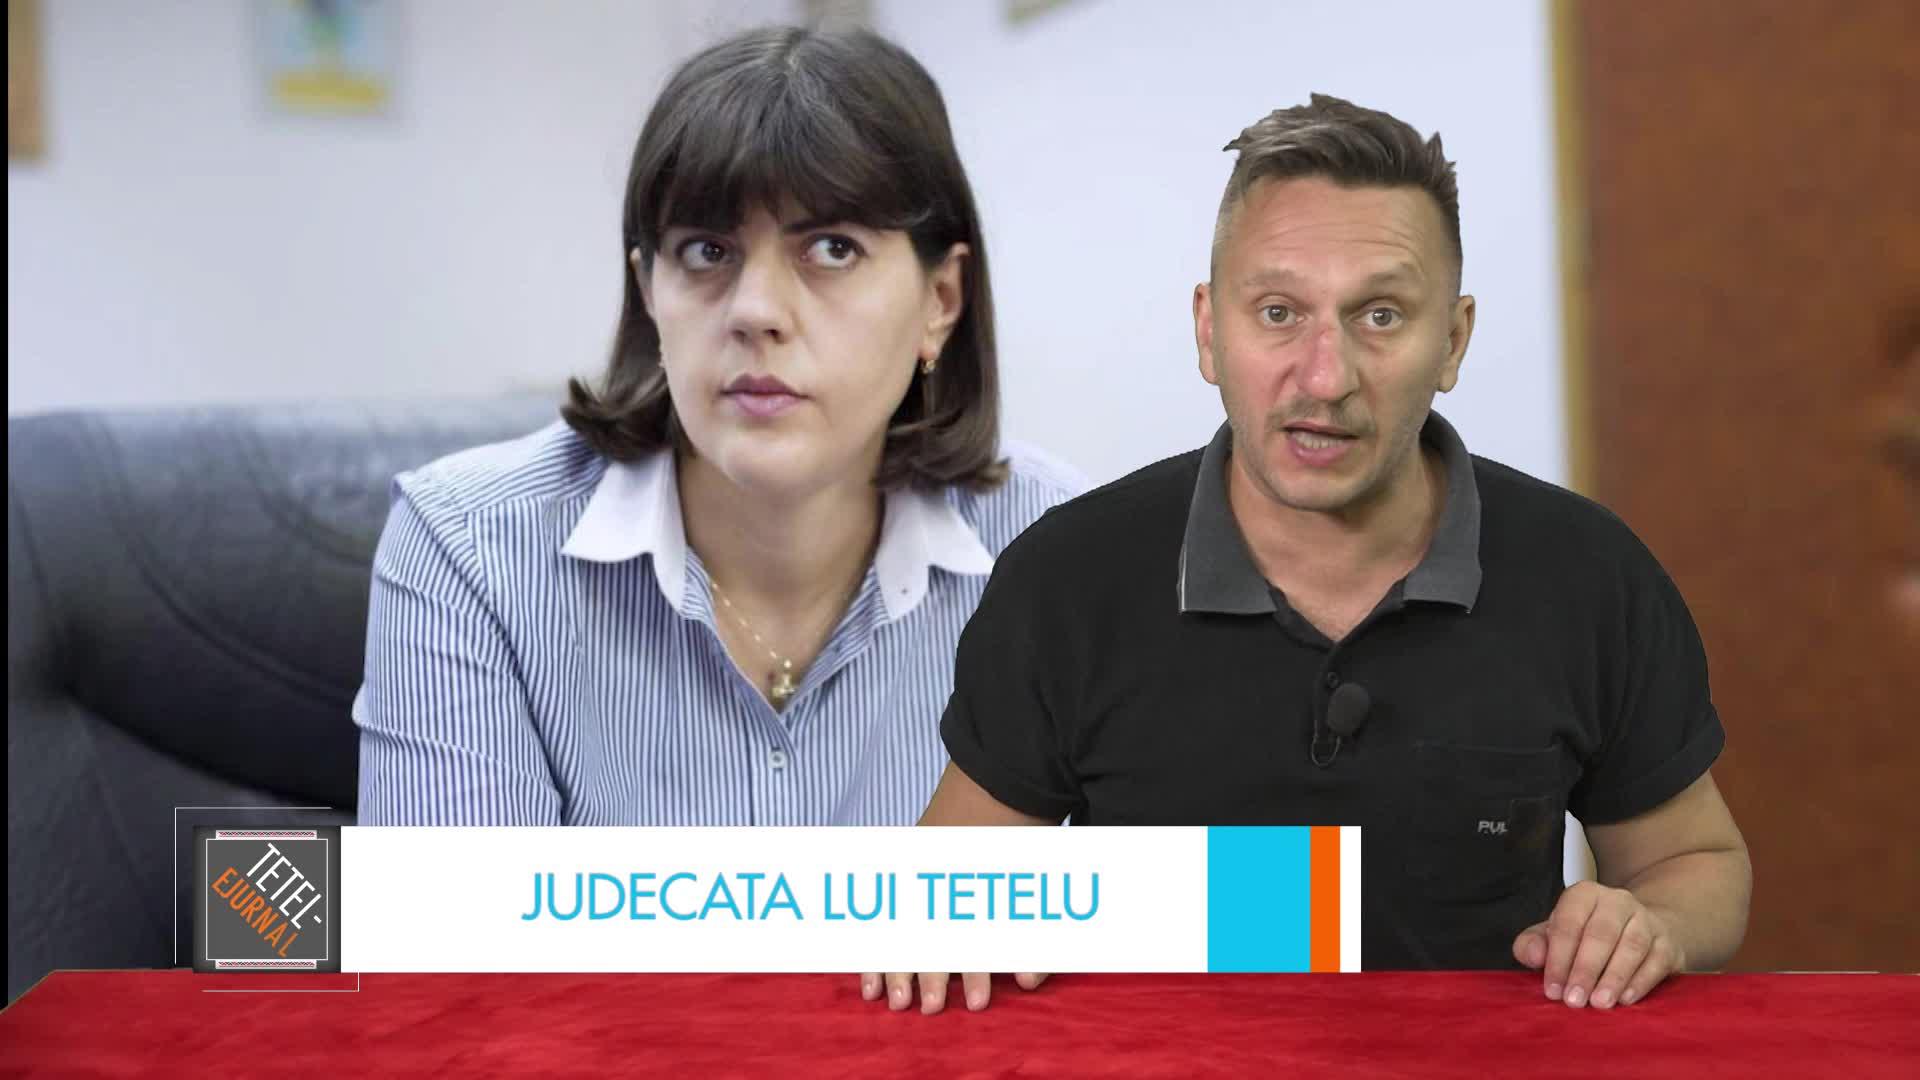 Judecata lui Tetelu: Kovesi la Vama Veche!